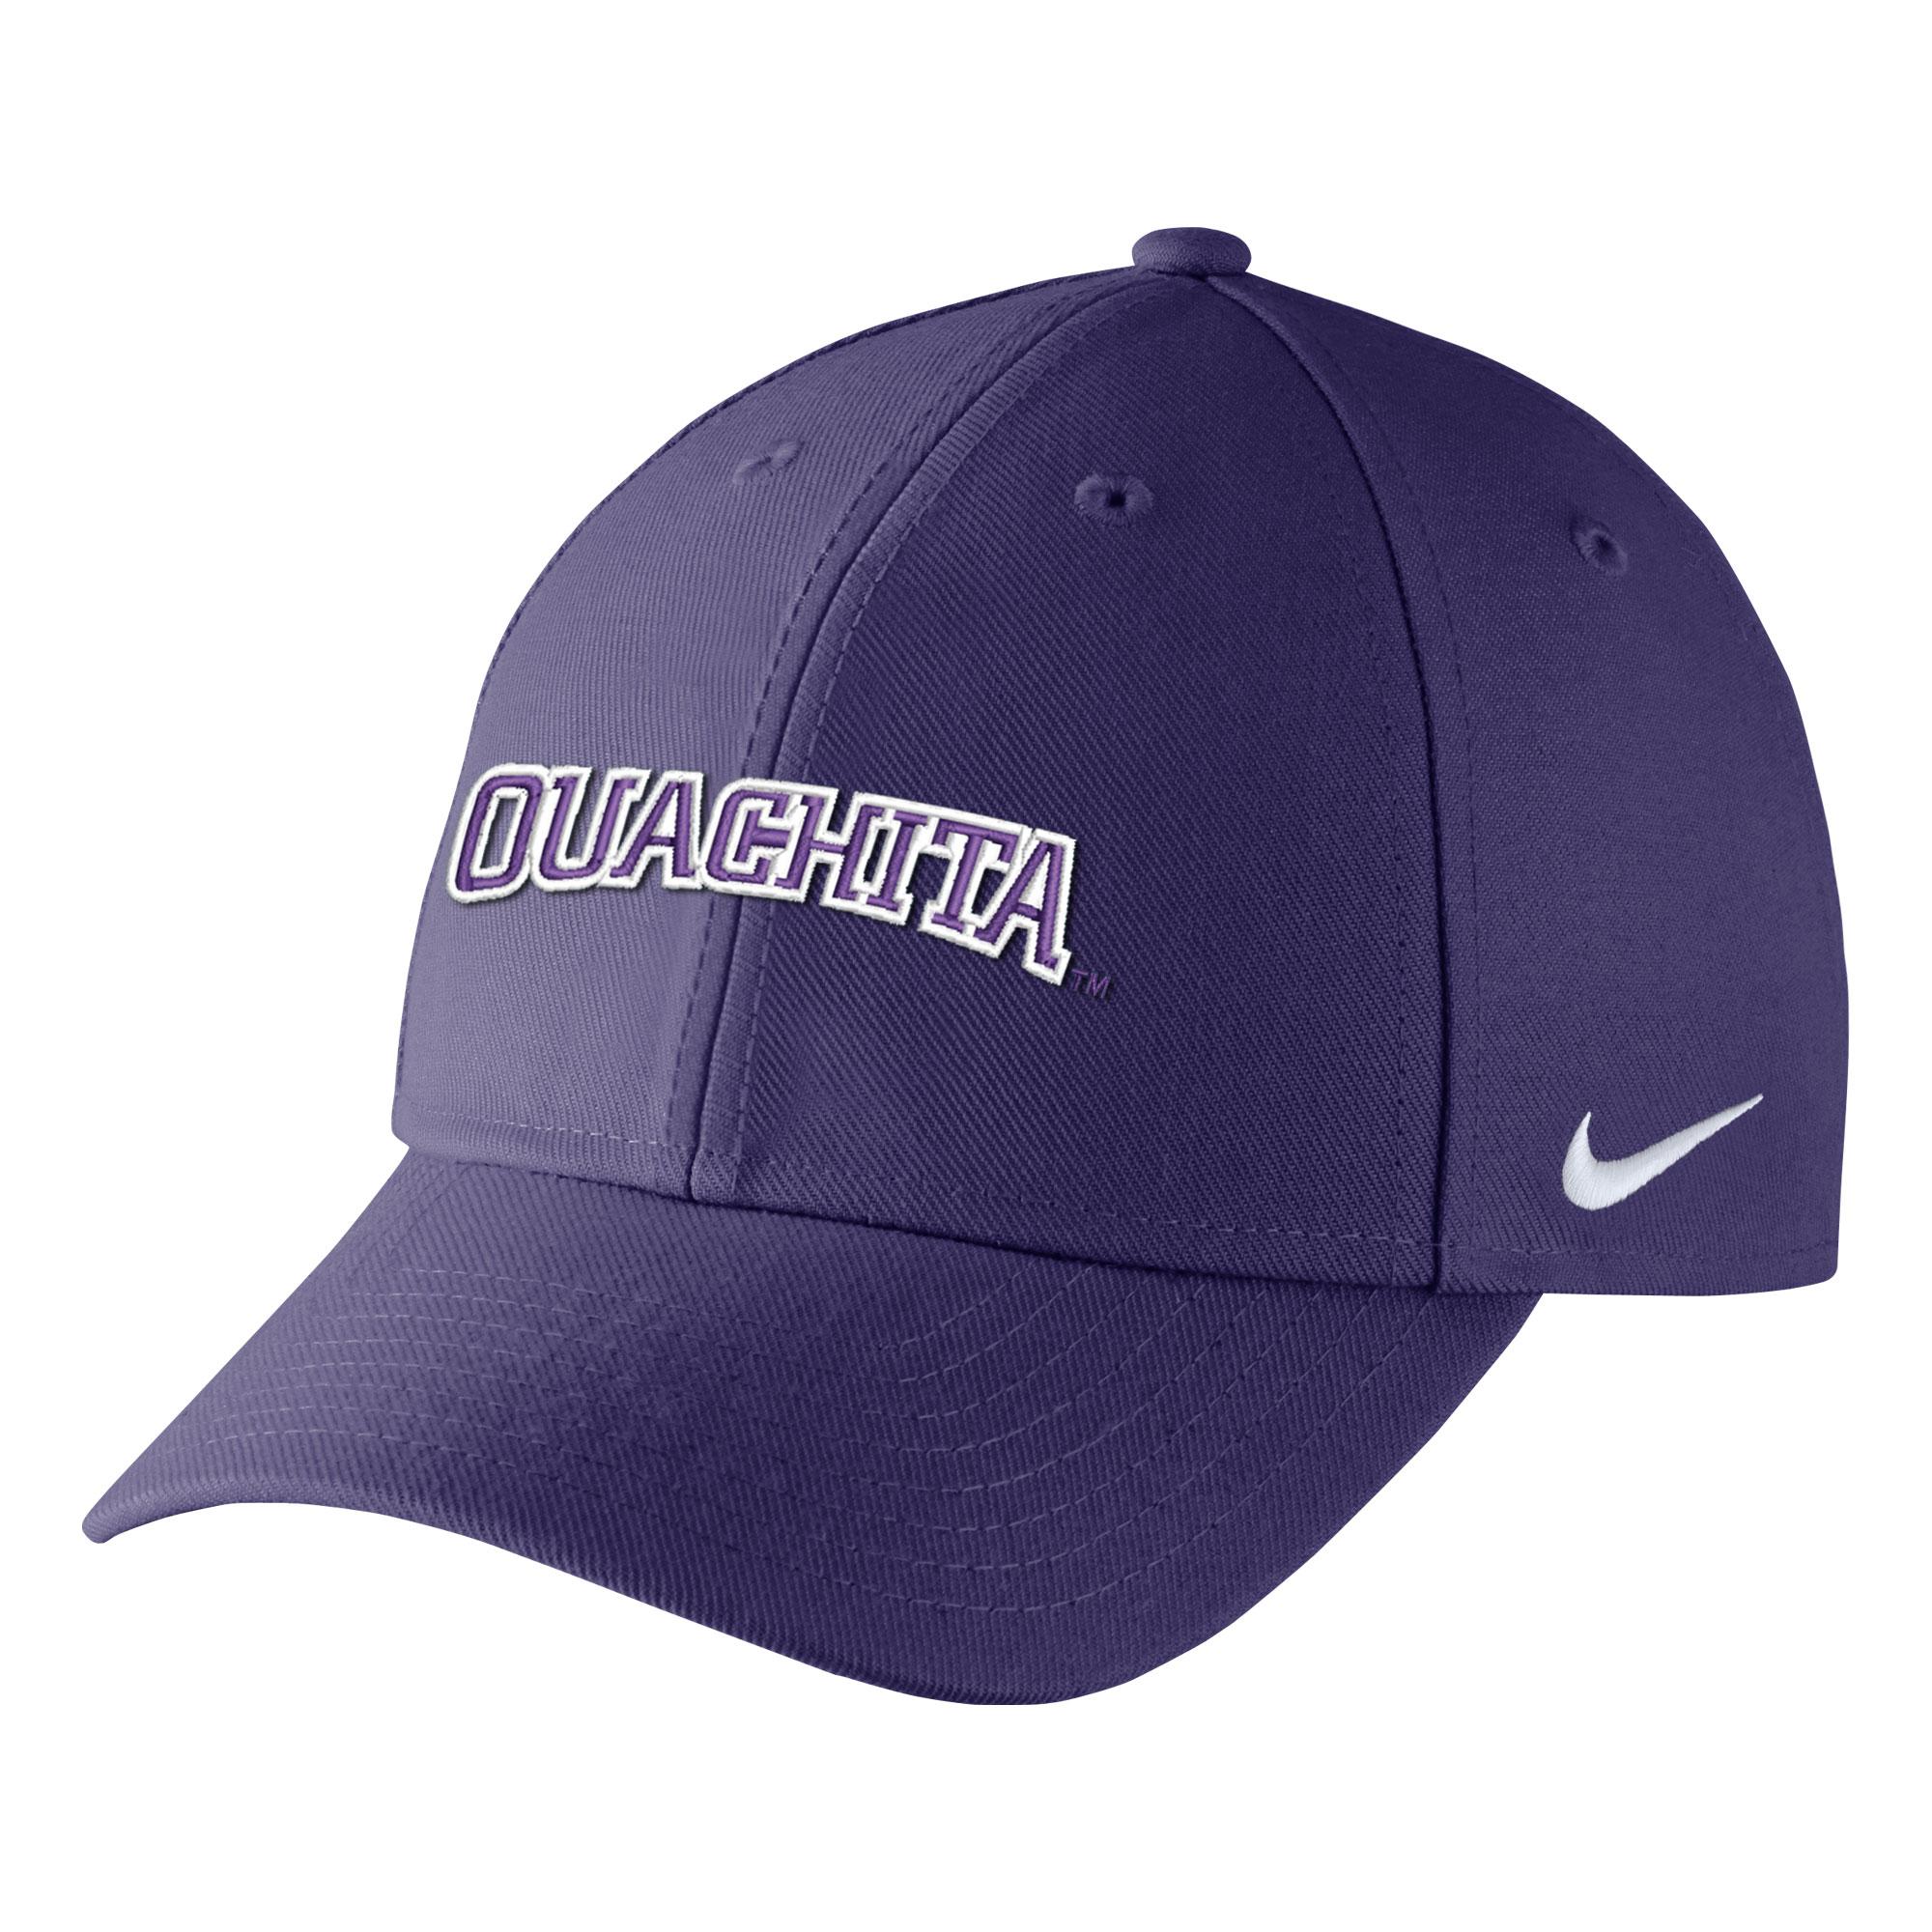 OUACHITA DRIFIT WOOL CLASSIC HAT